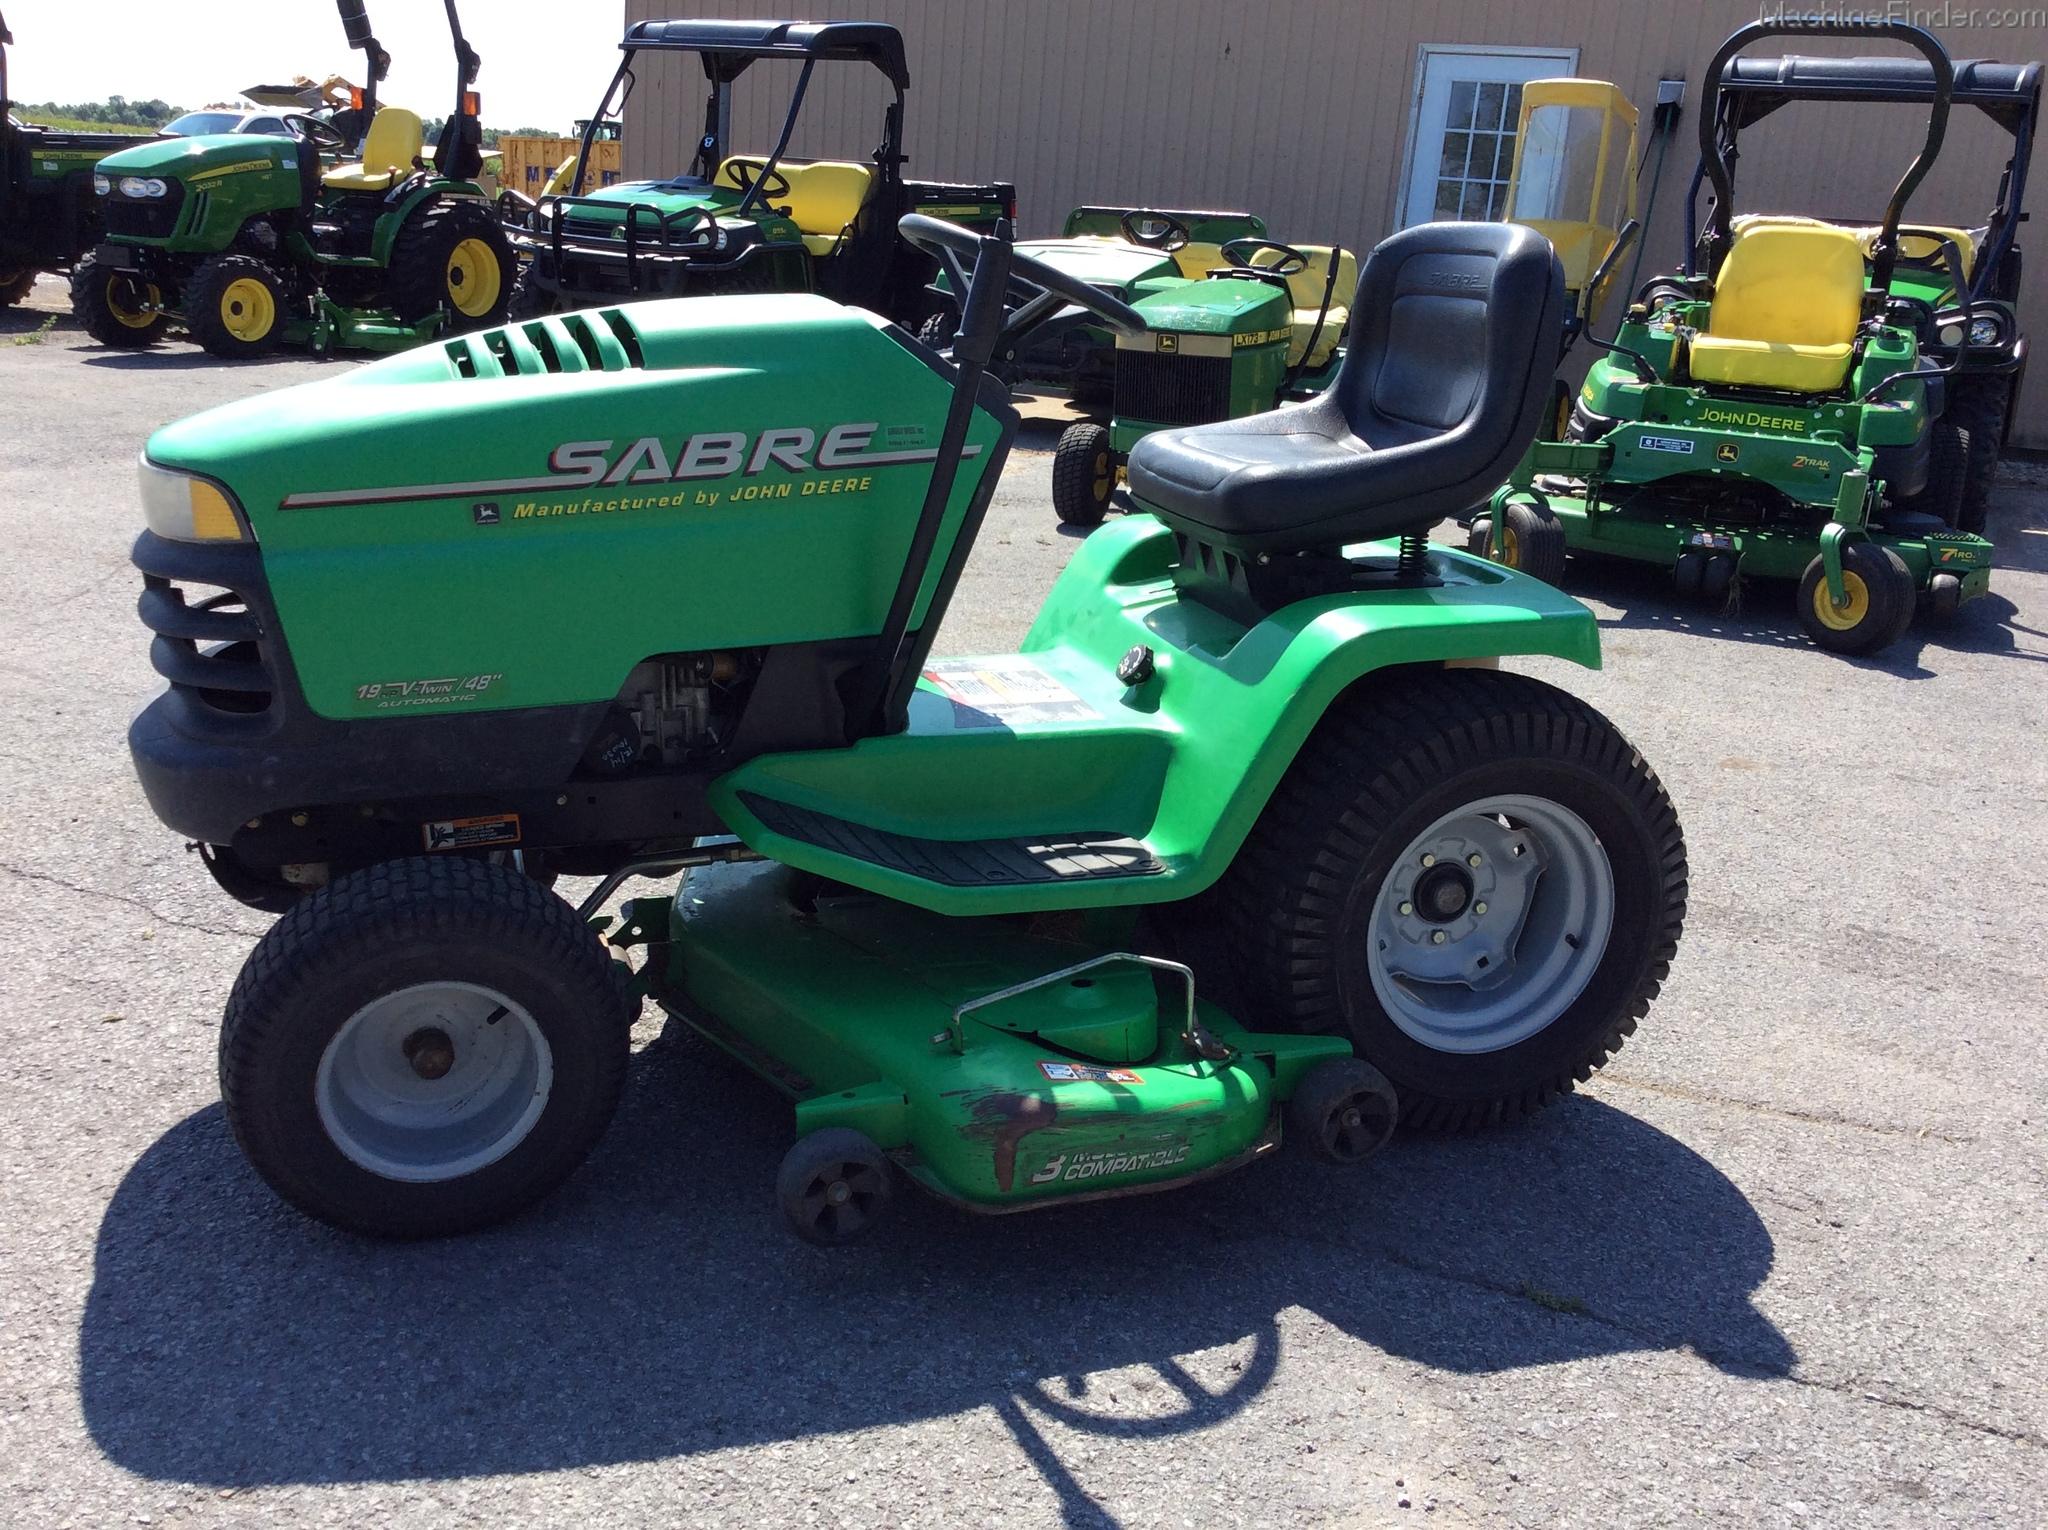 John Deere Sabre >> 2002 Sabre 1948hv Lawn Garden Tractors John Deere Machinefinder